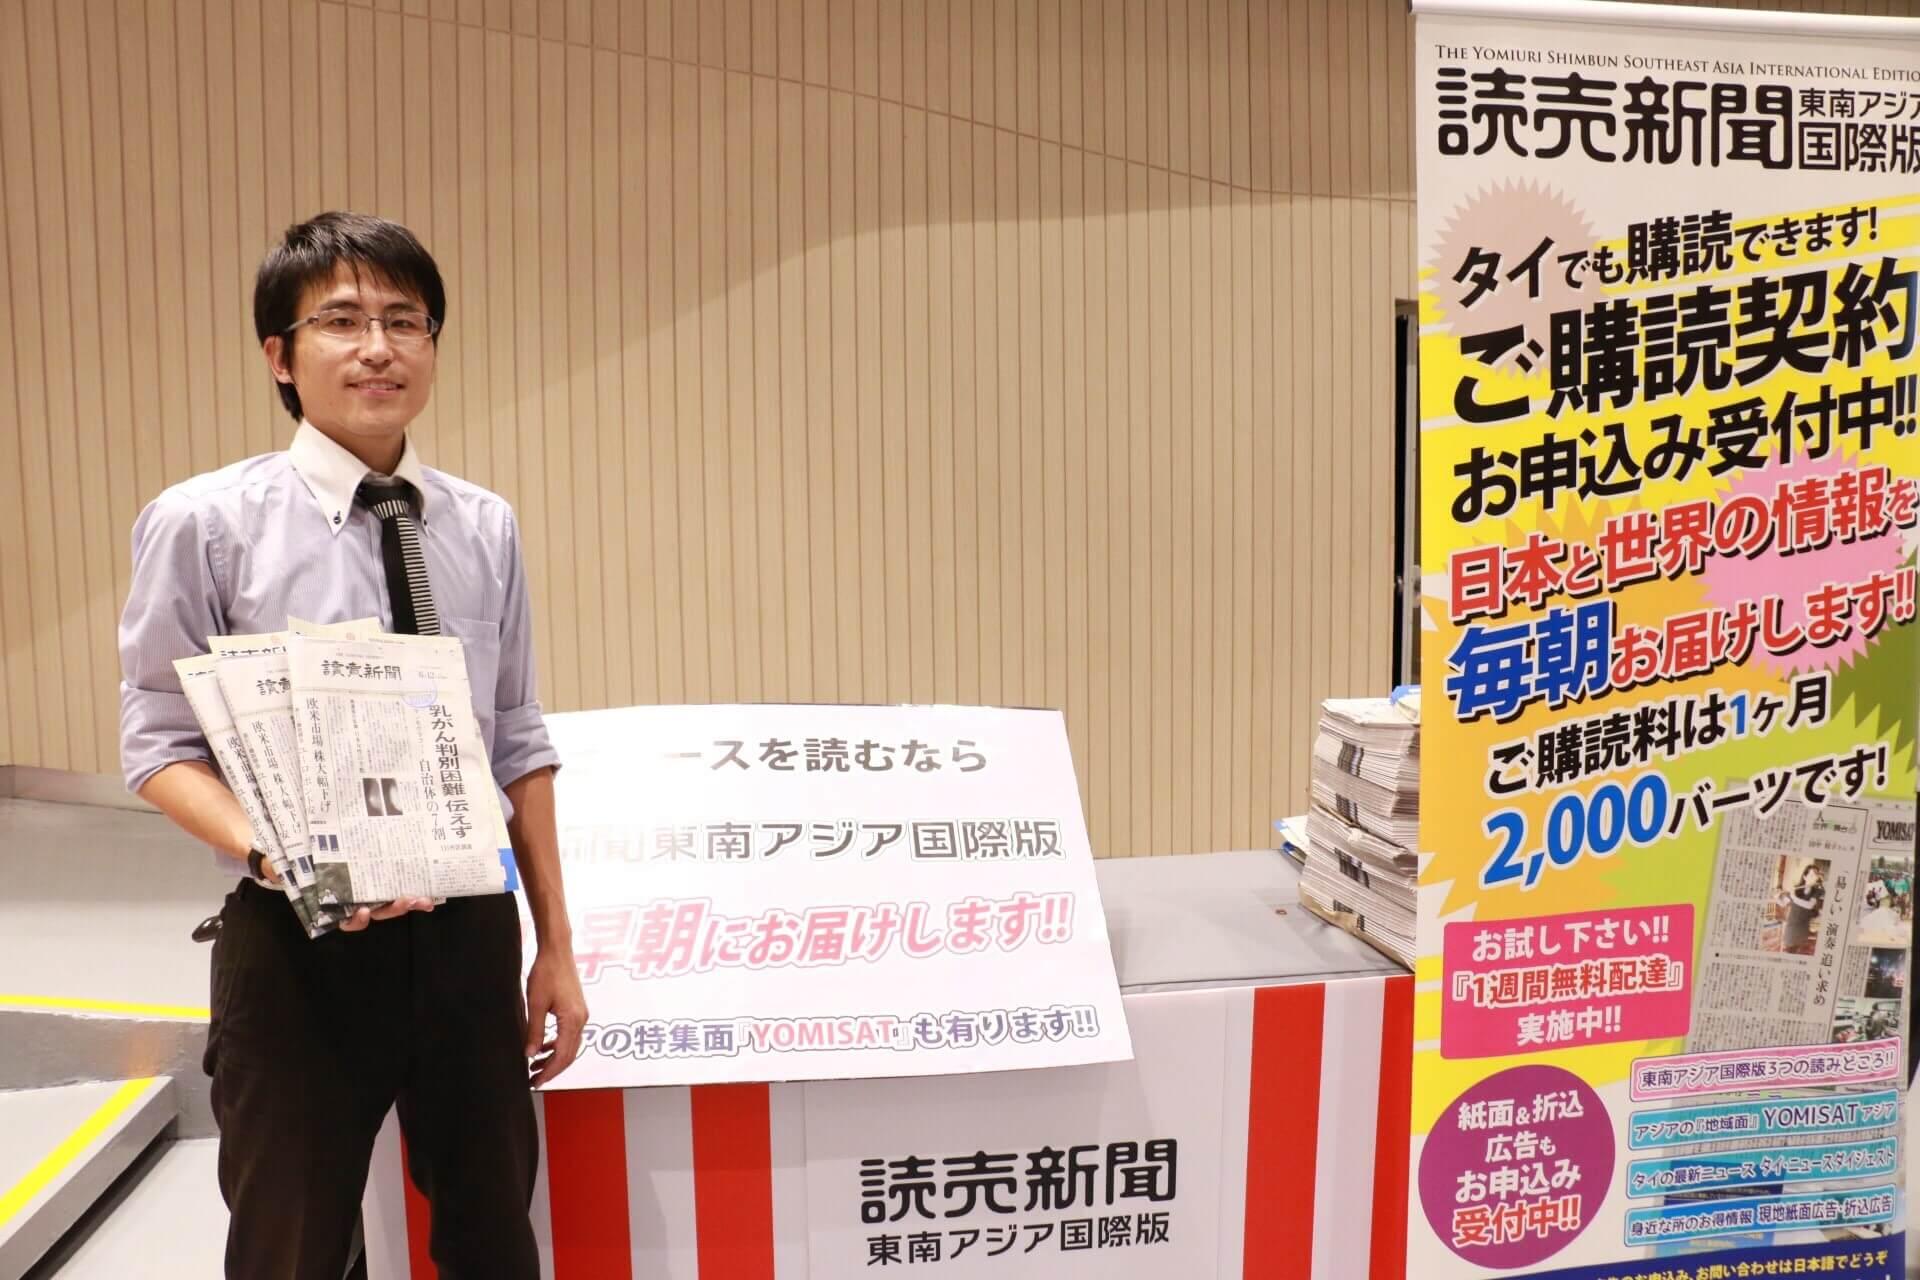 Booth Yomiuri